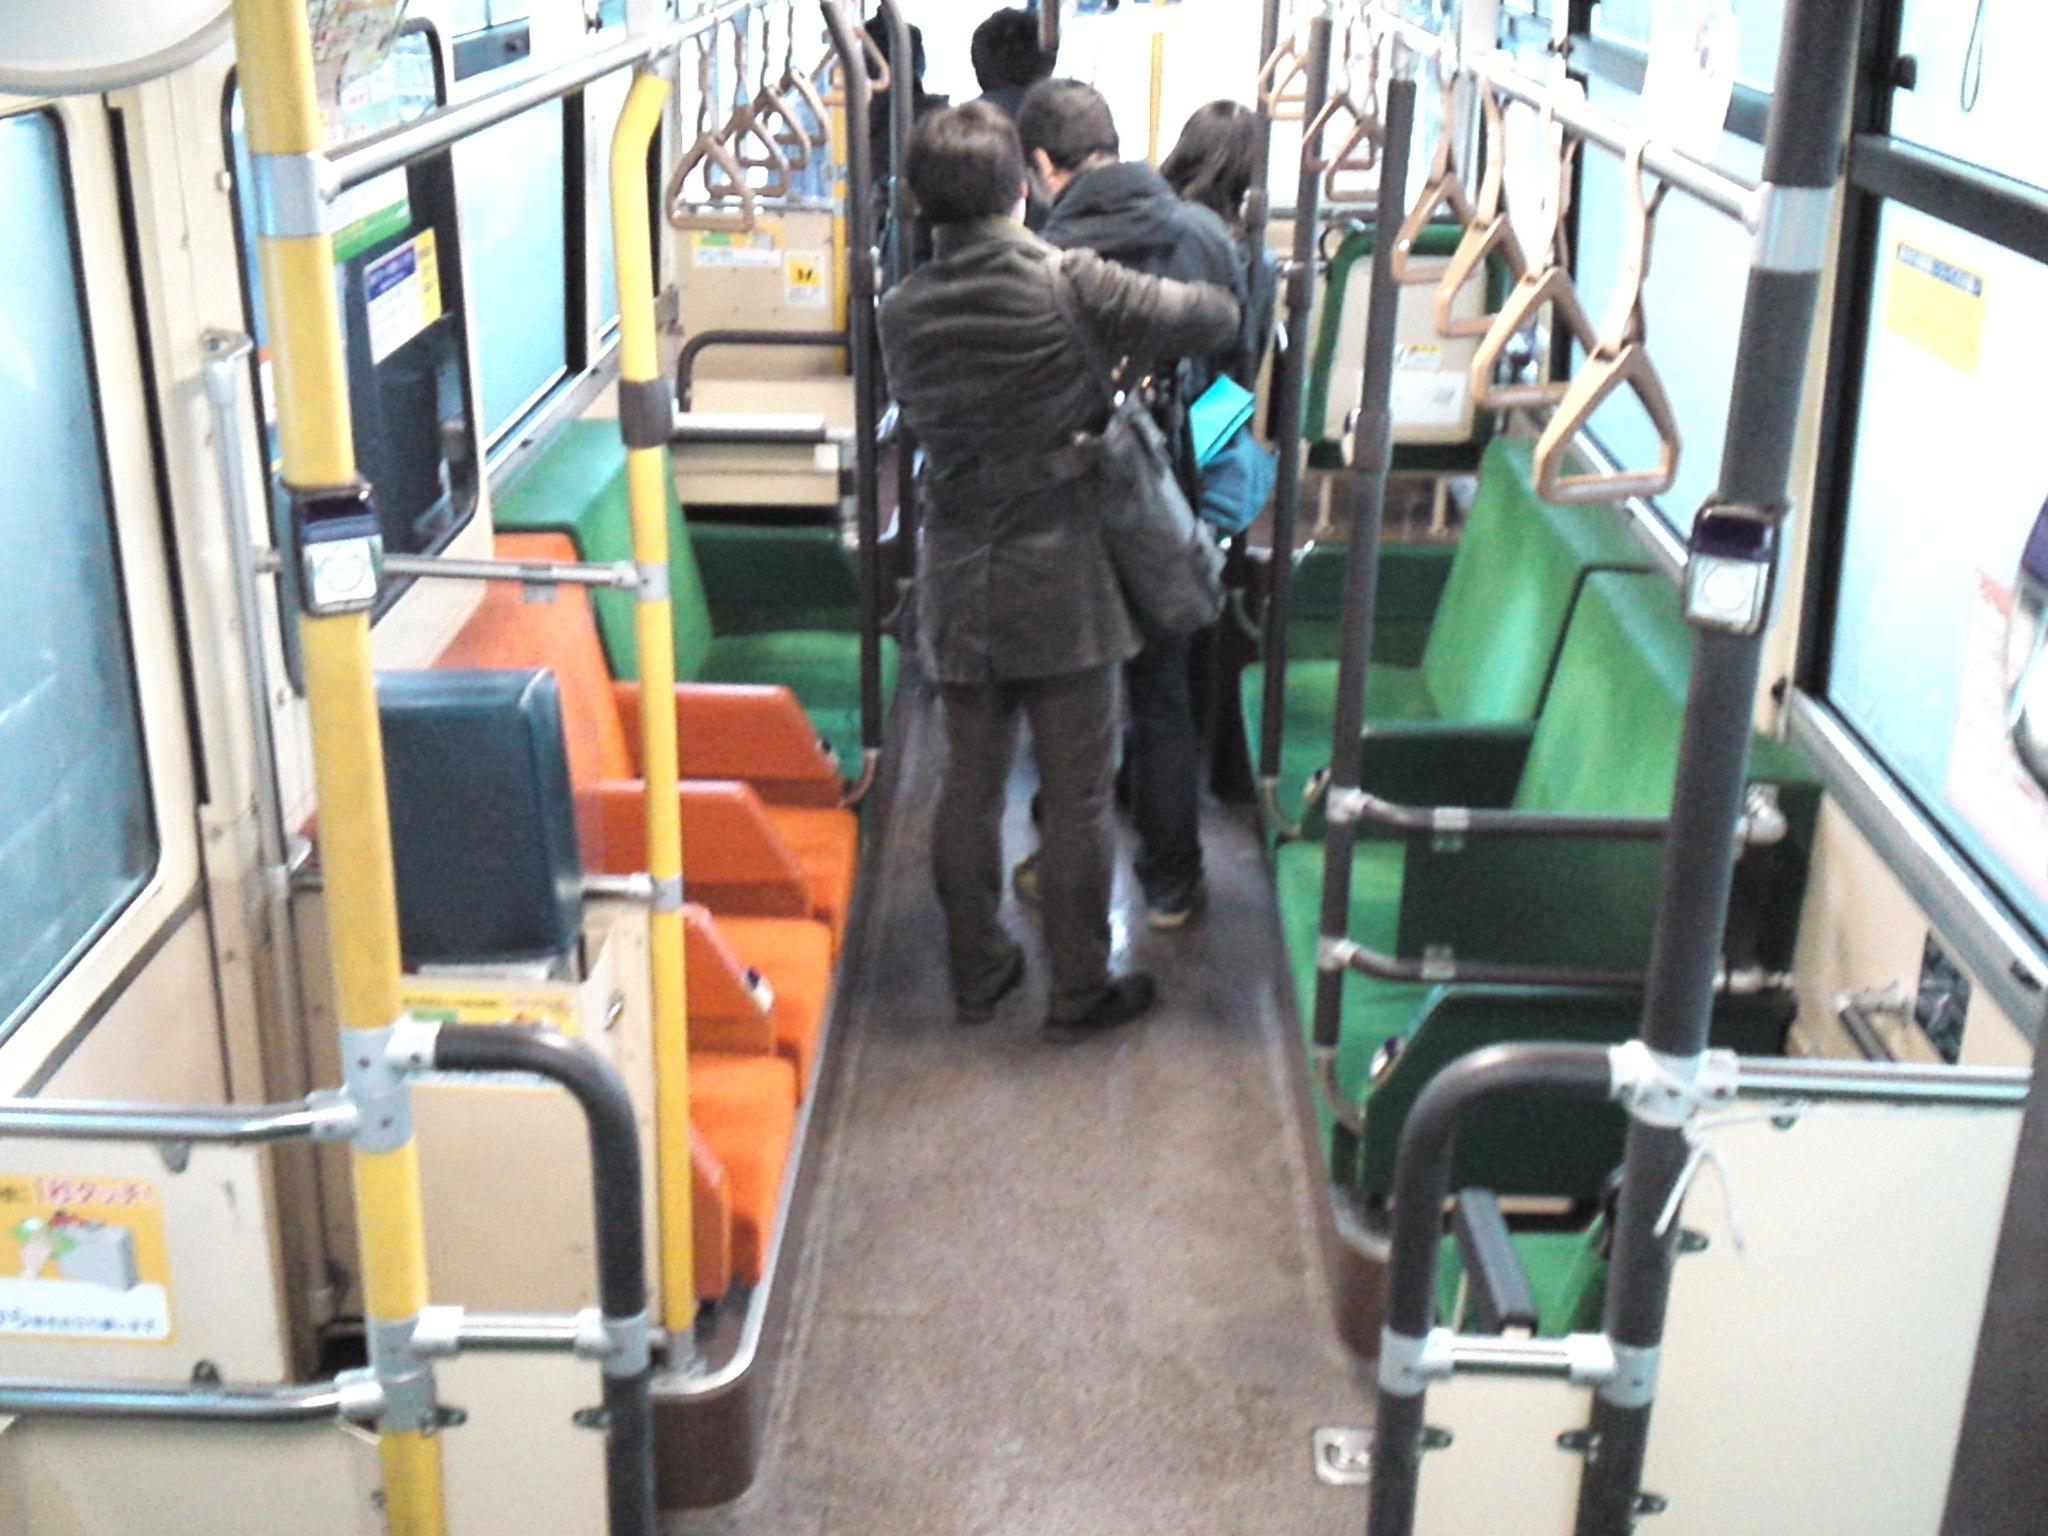 何もない埋立地で一気に乗客ゼロになるバス #jcttour